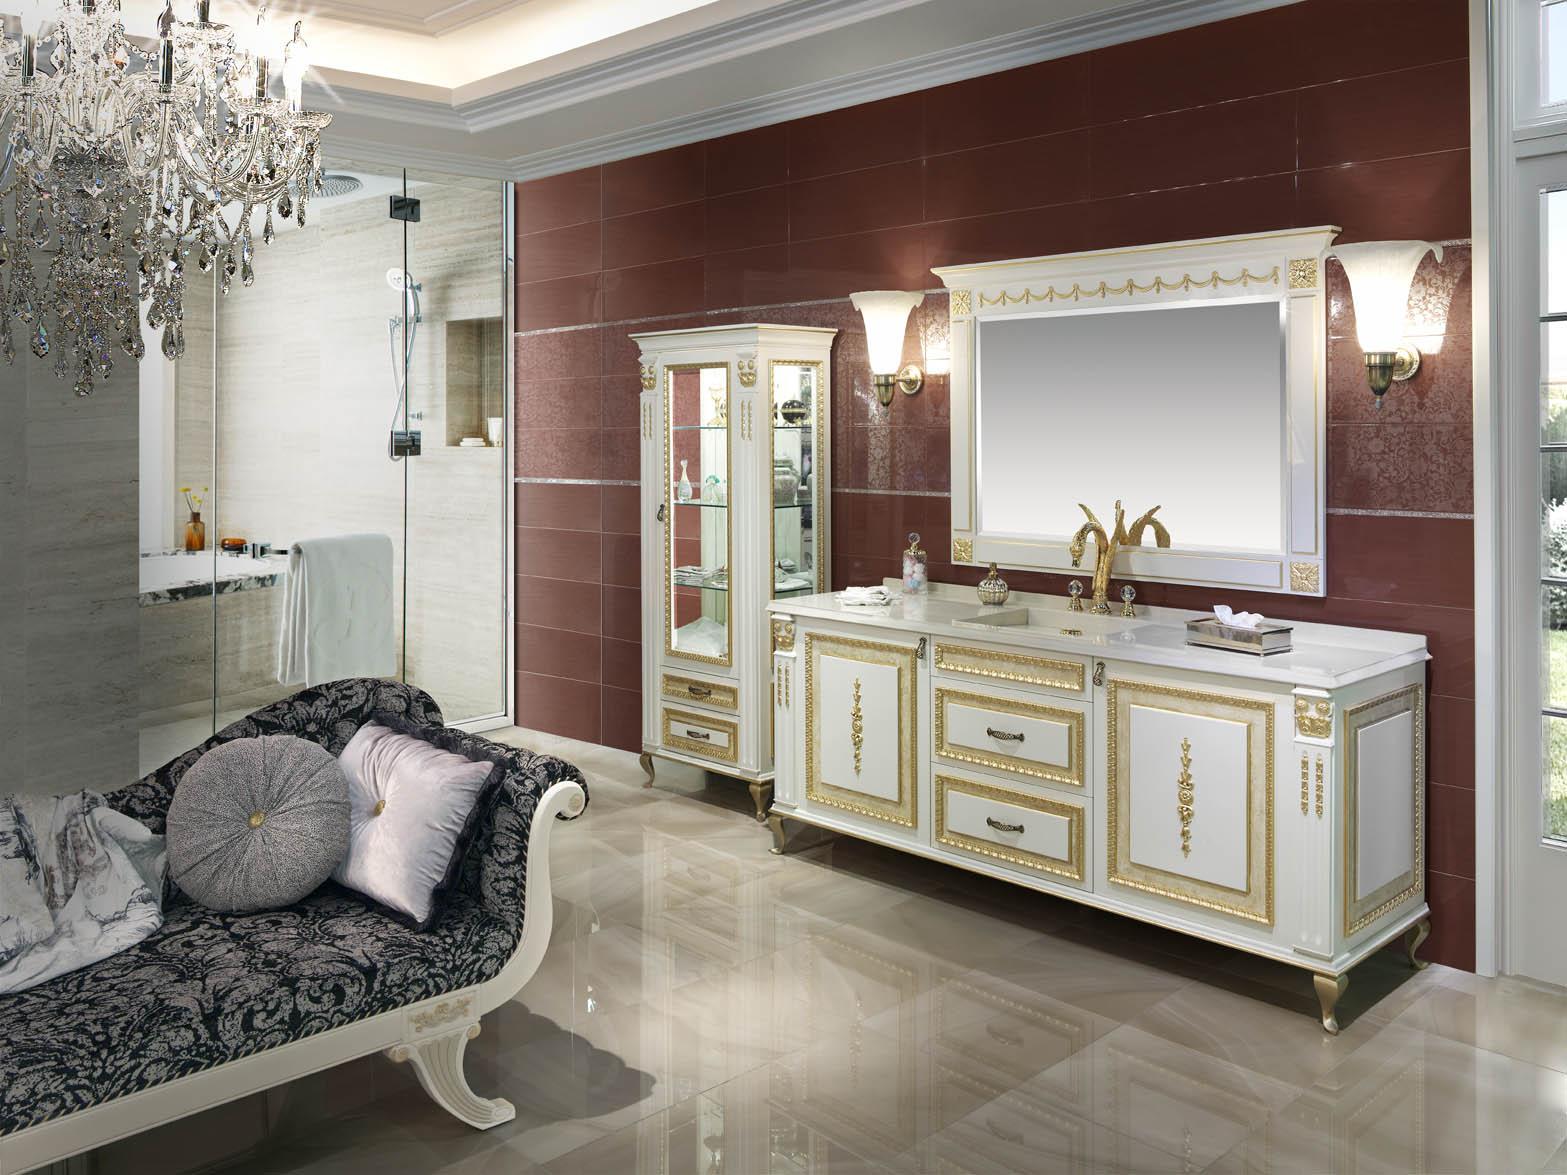 Lujo 39 made in pic 39 para la cocina ba o y vestidor feria habitat valencia - Muebles carrion valencia ...